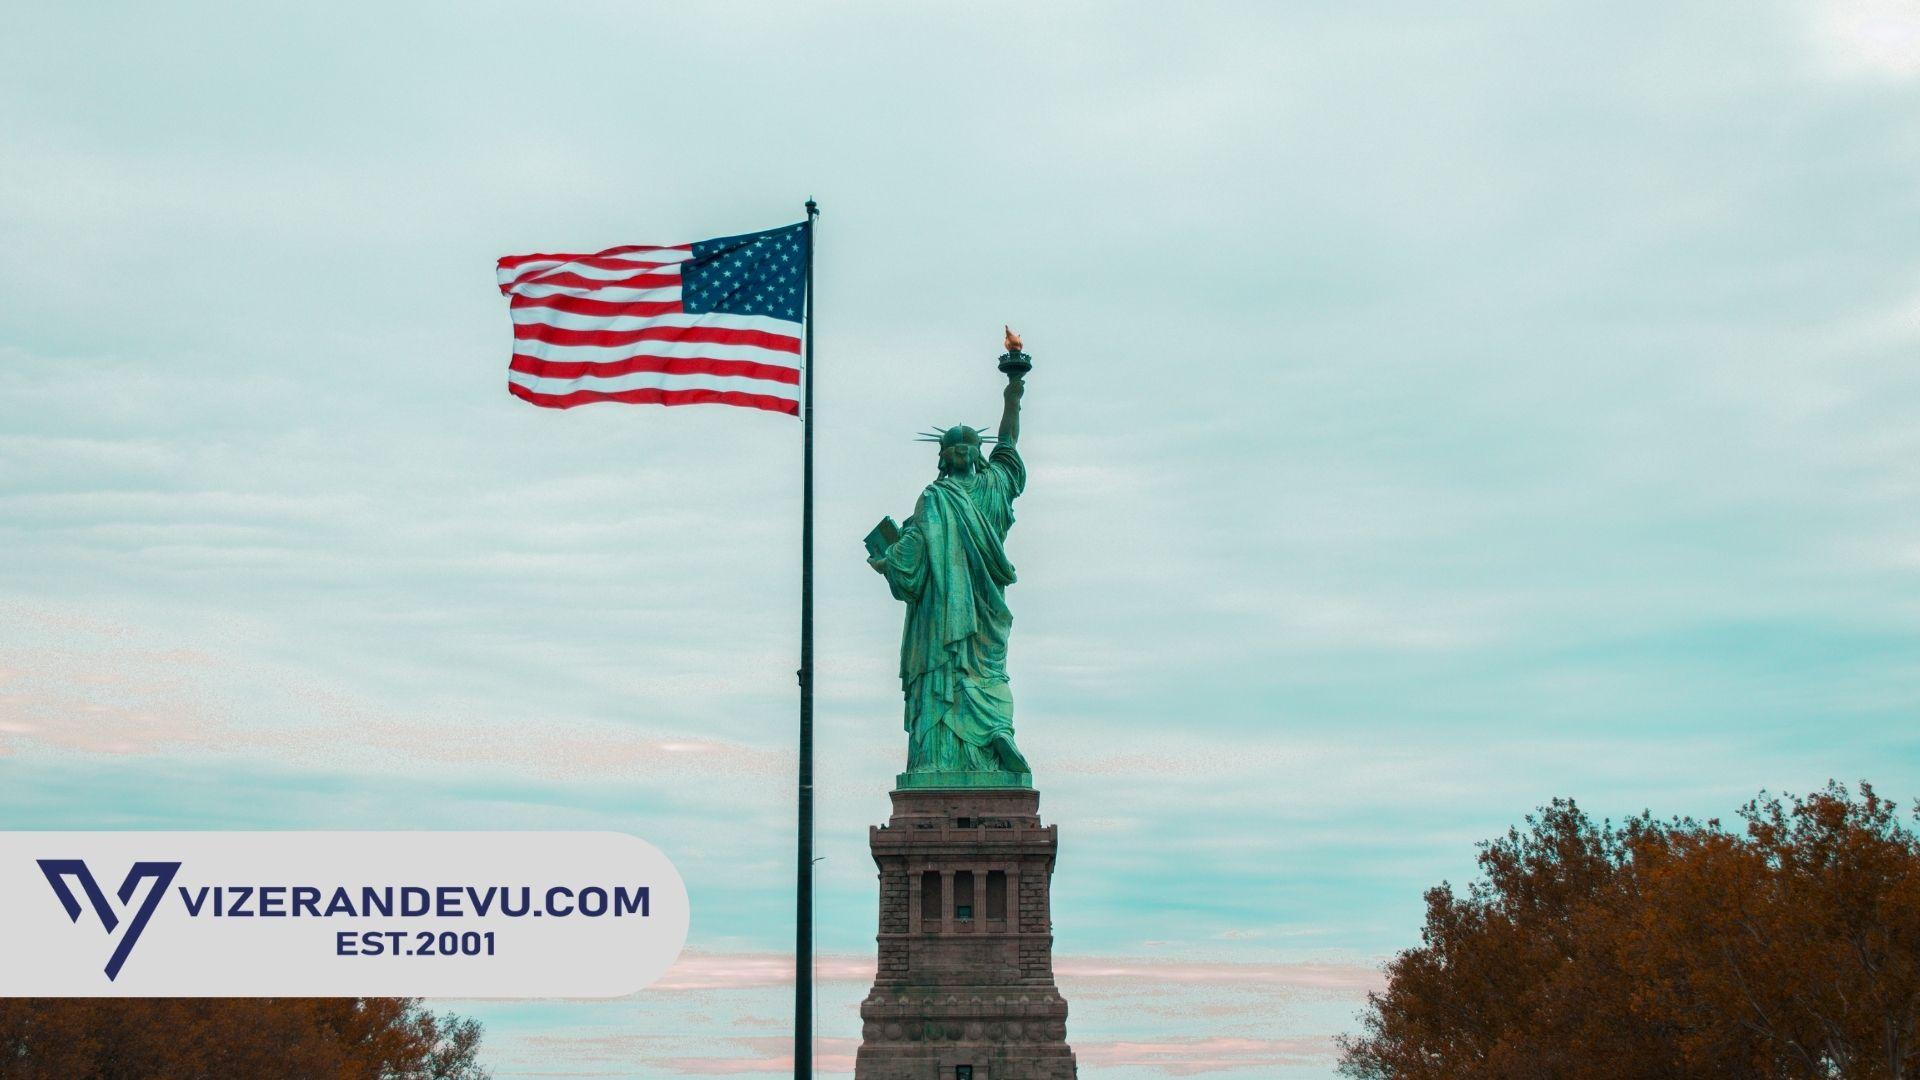 Amerika Vizesi: Nasıl Alınır? (2021)